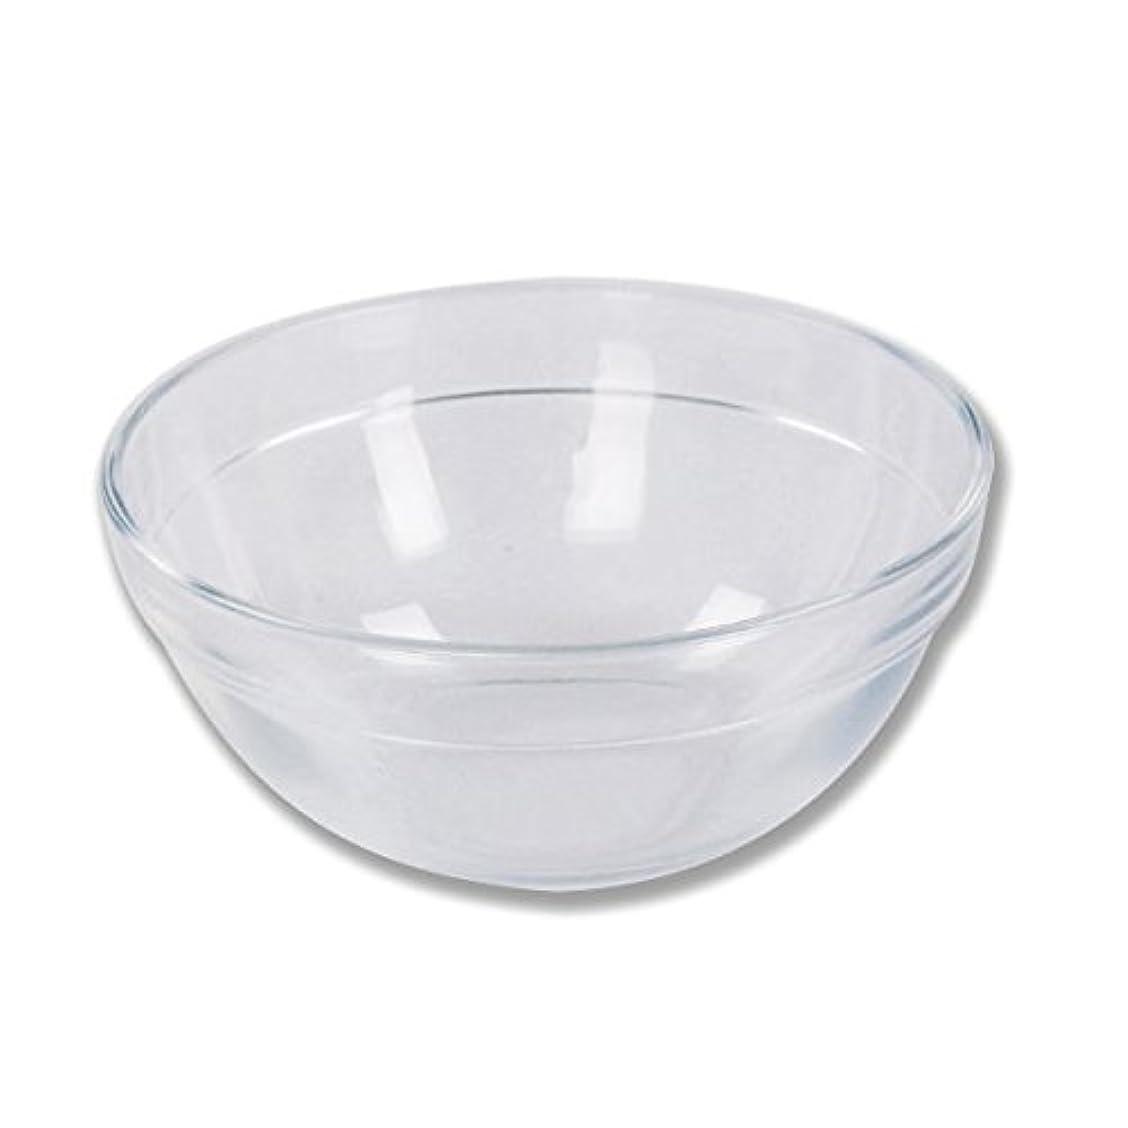 発音する燃料水ガラスボウル (SSサイズ) [ ガラスボール カップボウル カップボール エステ サロン ガラス ボウル カップ 高級感 ]